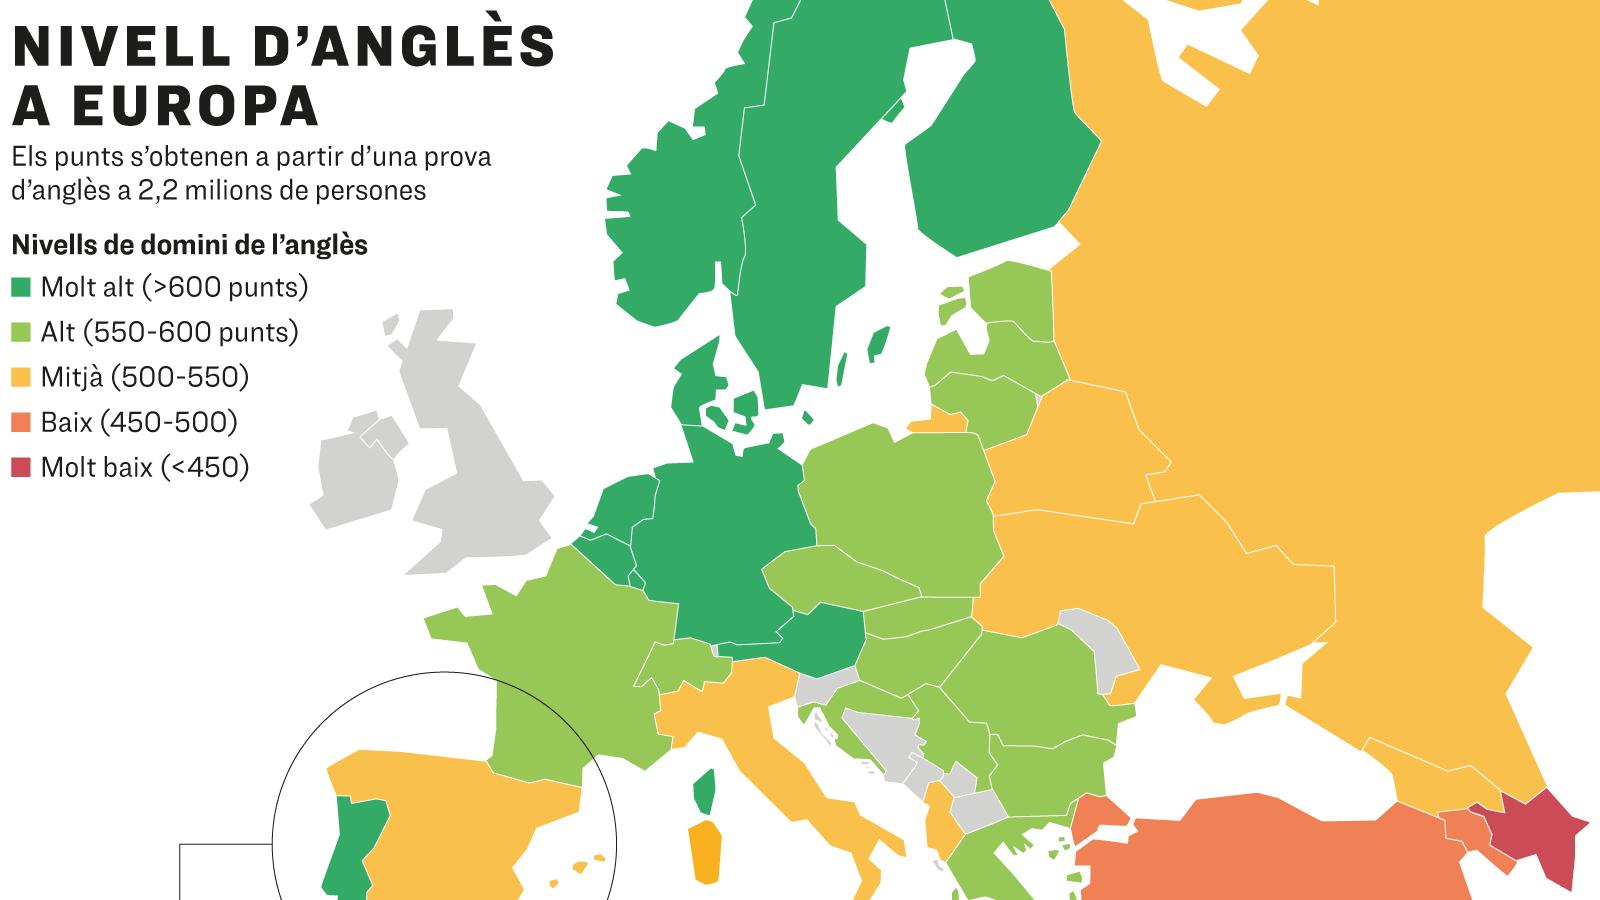 L'anglès a Catalunya: necessita millorar